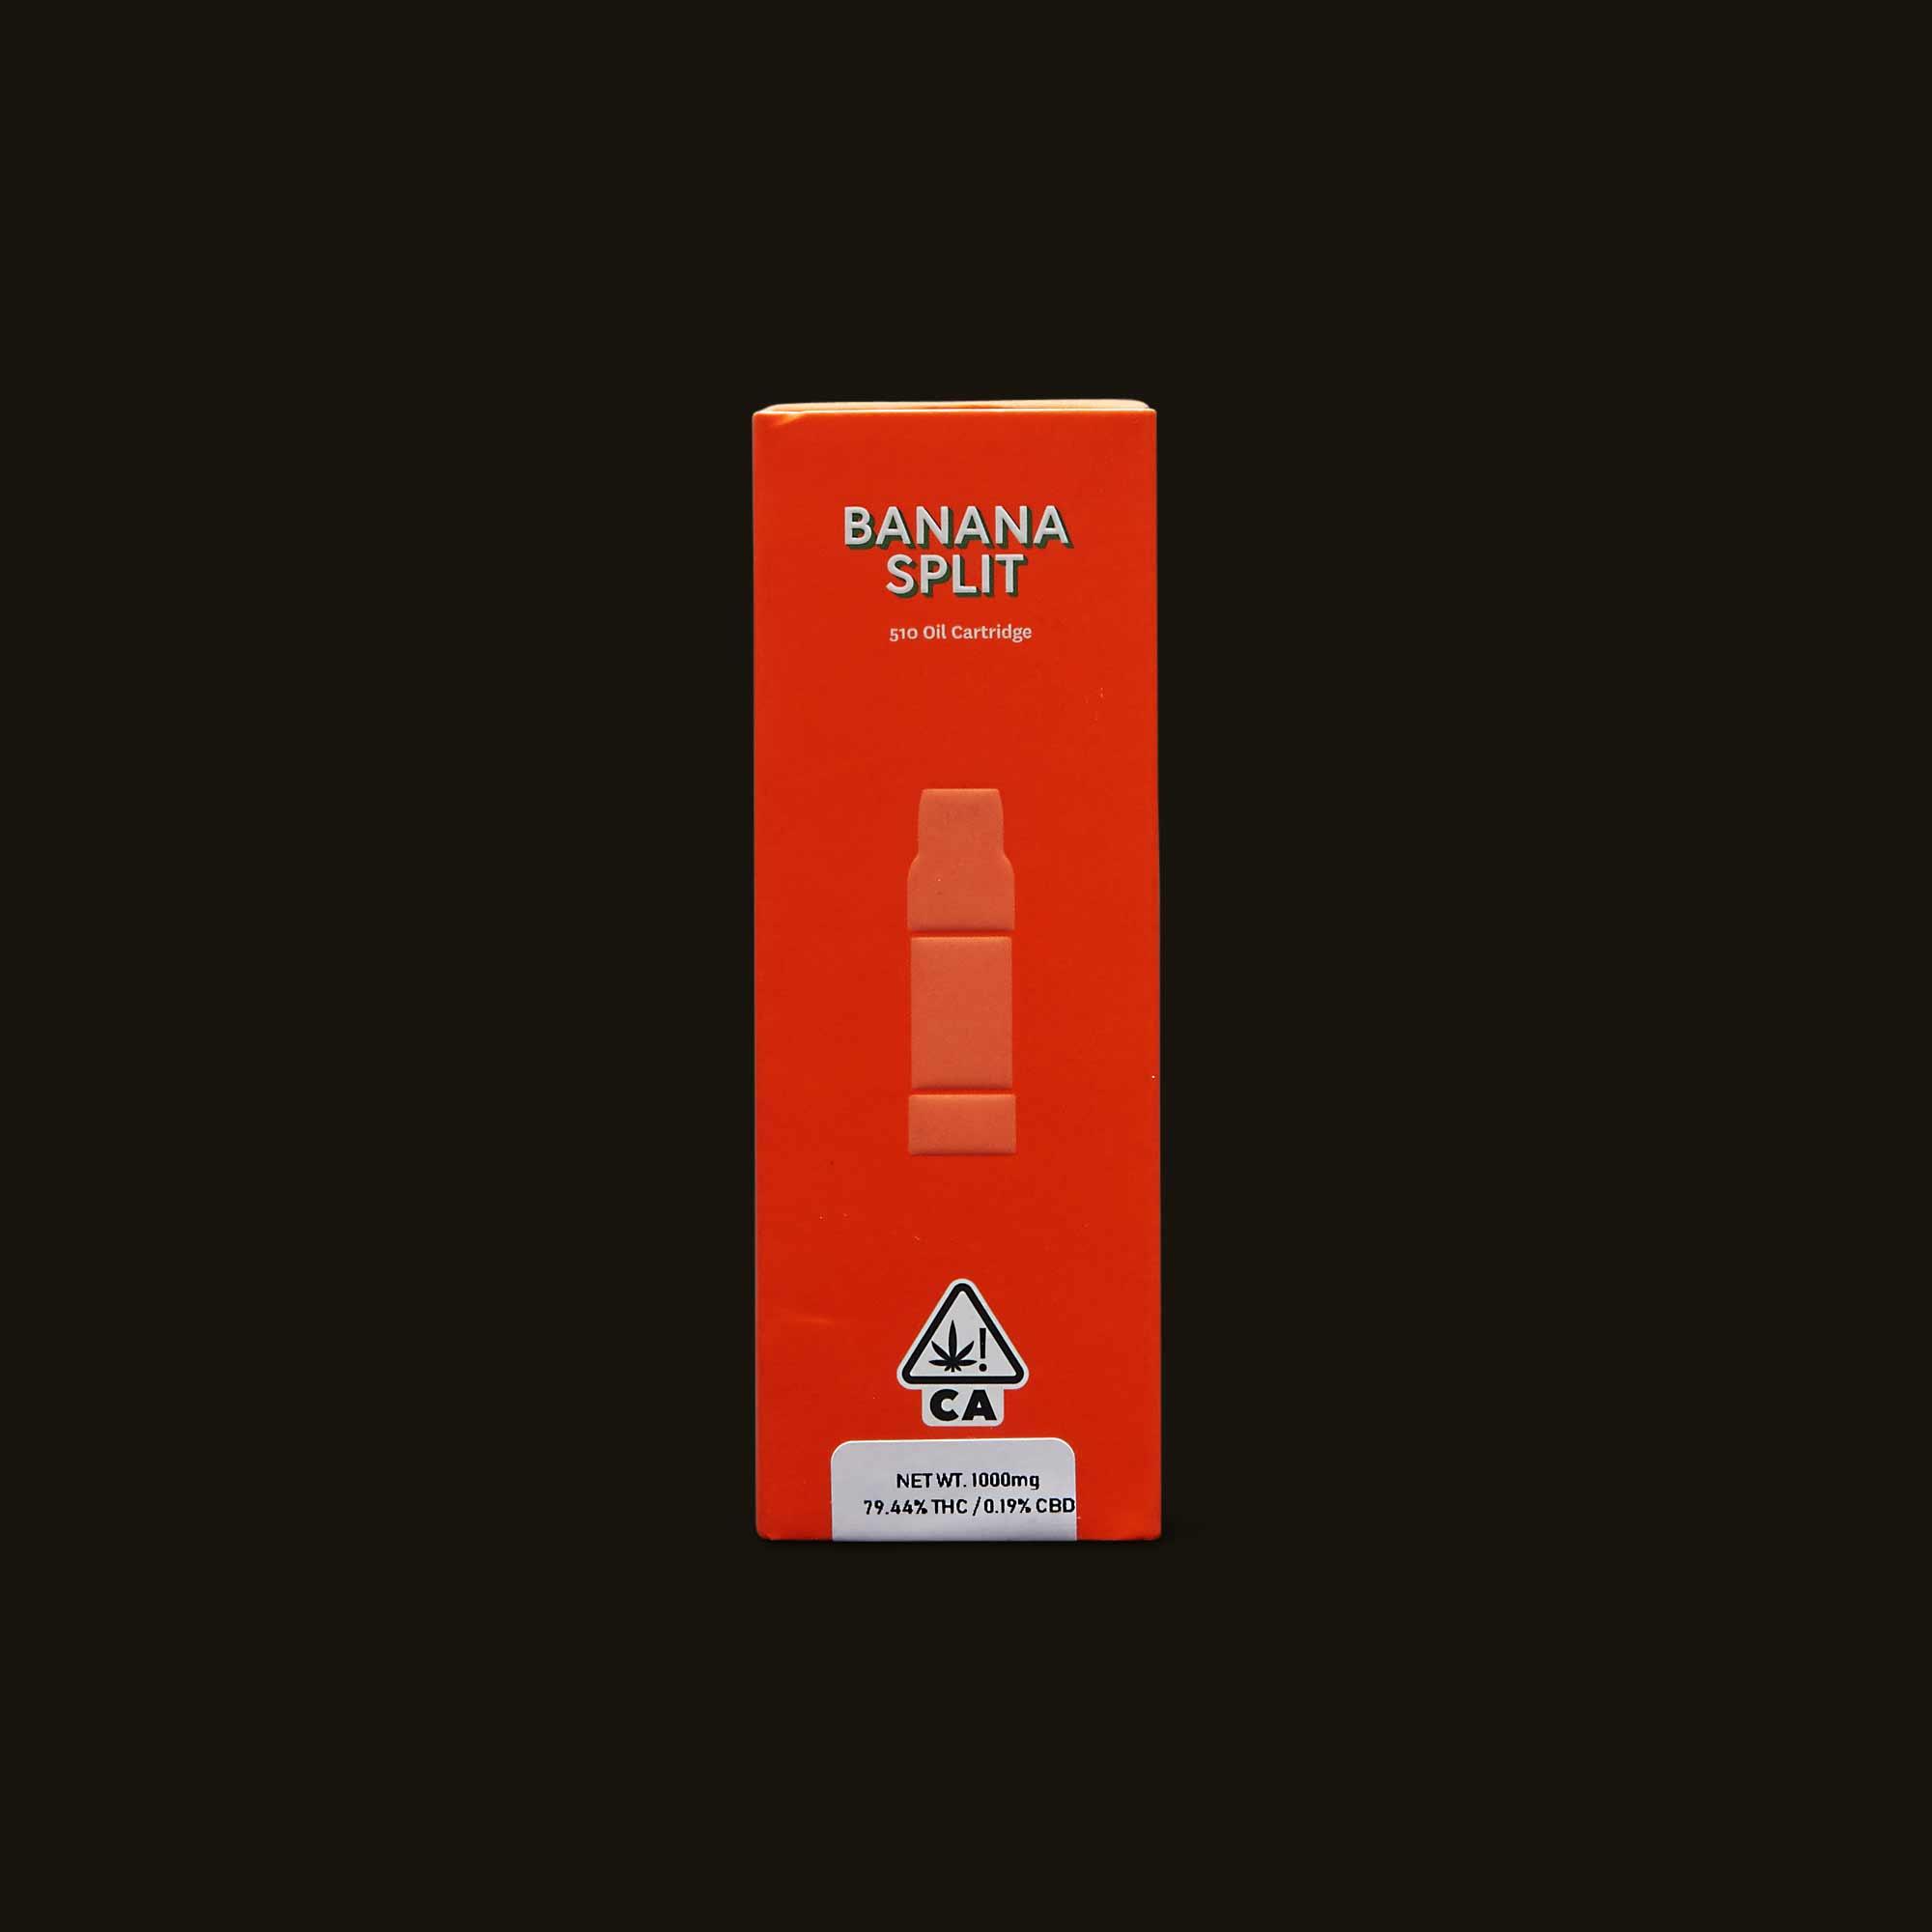 Banana Split Cartridge  - 500mg cartridge, 1g cartridge